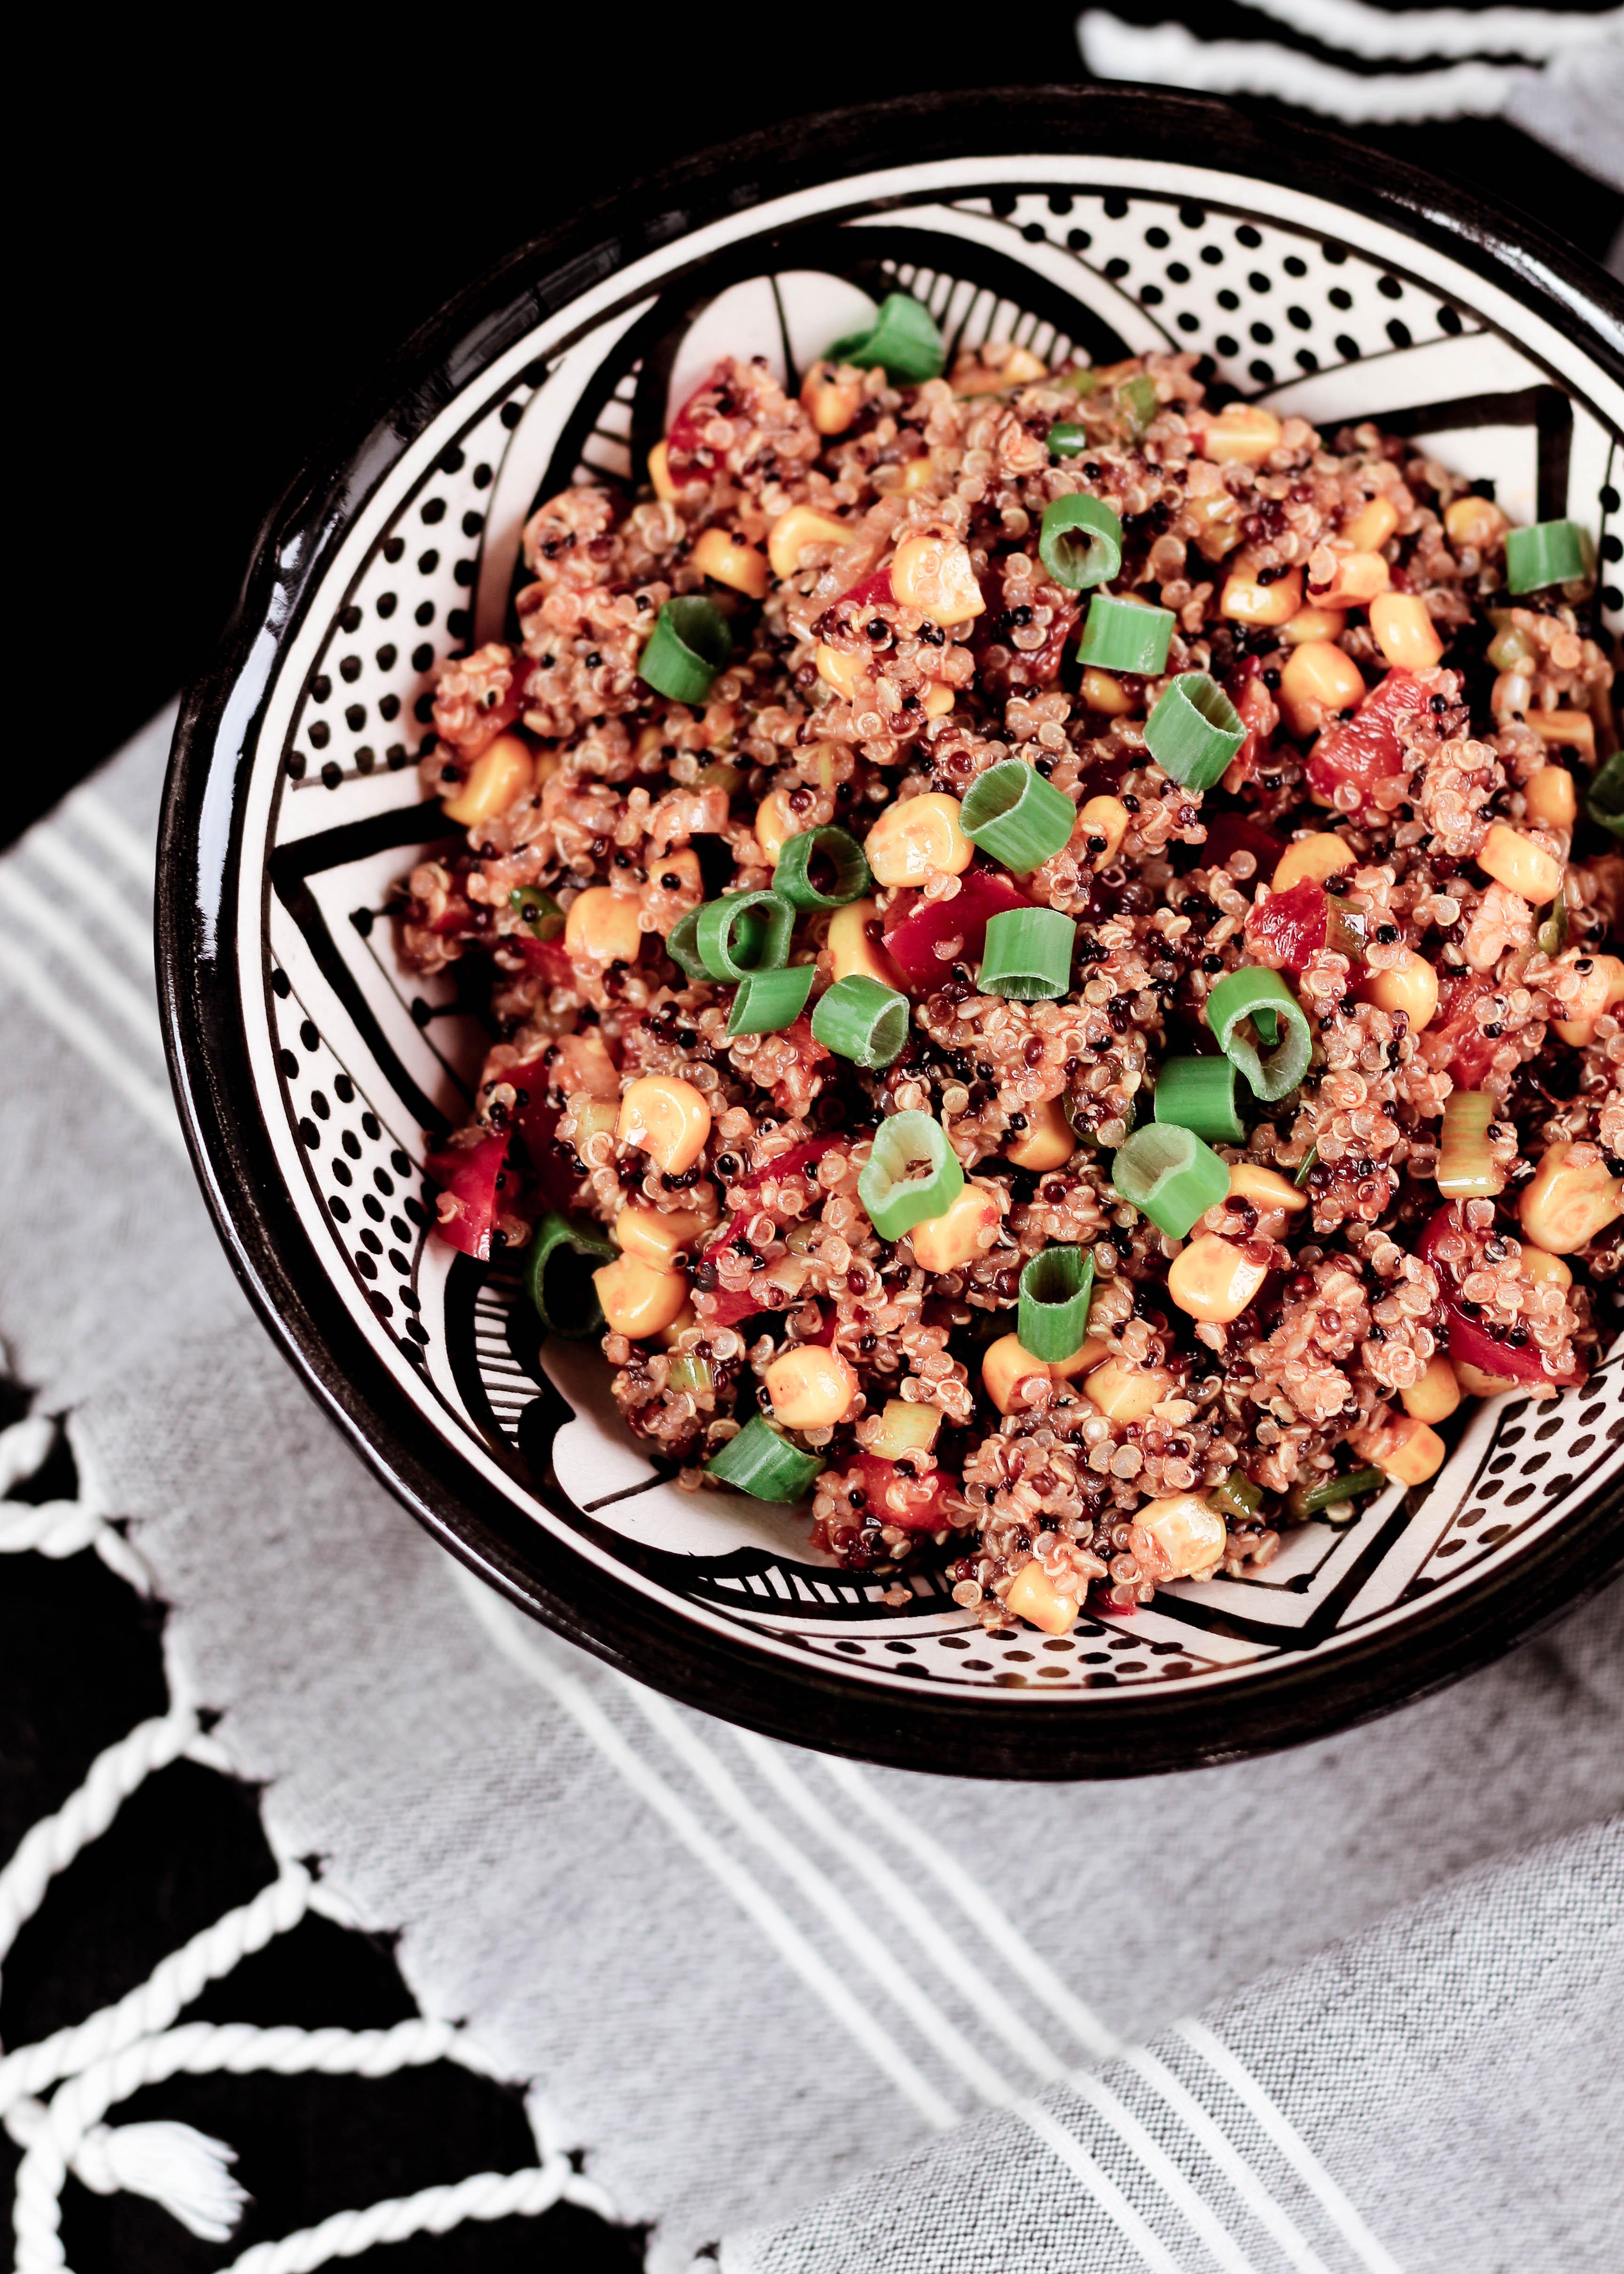 gesunde Ernährung: würziger Quinoa-Salat als Grillbeilage